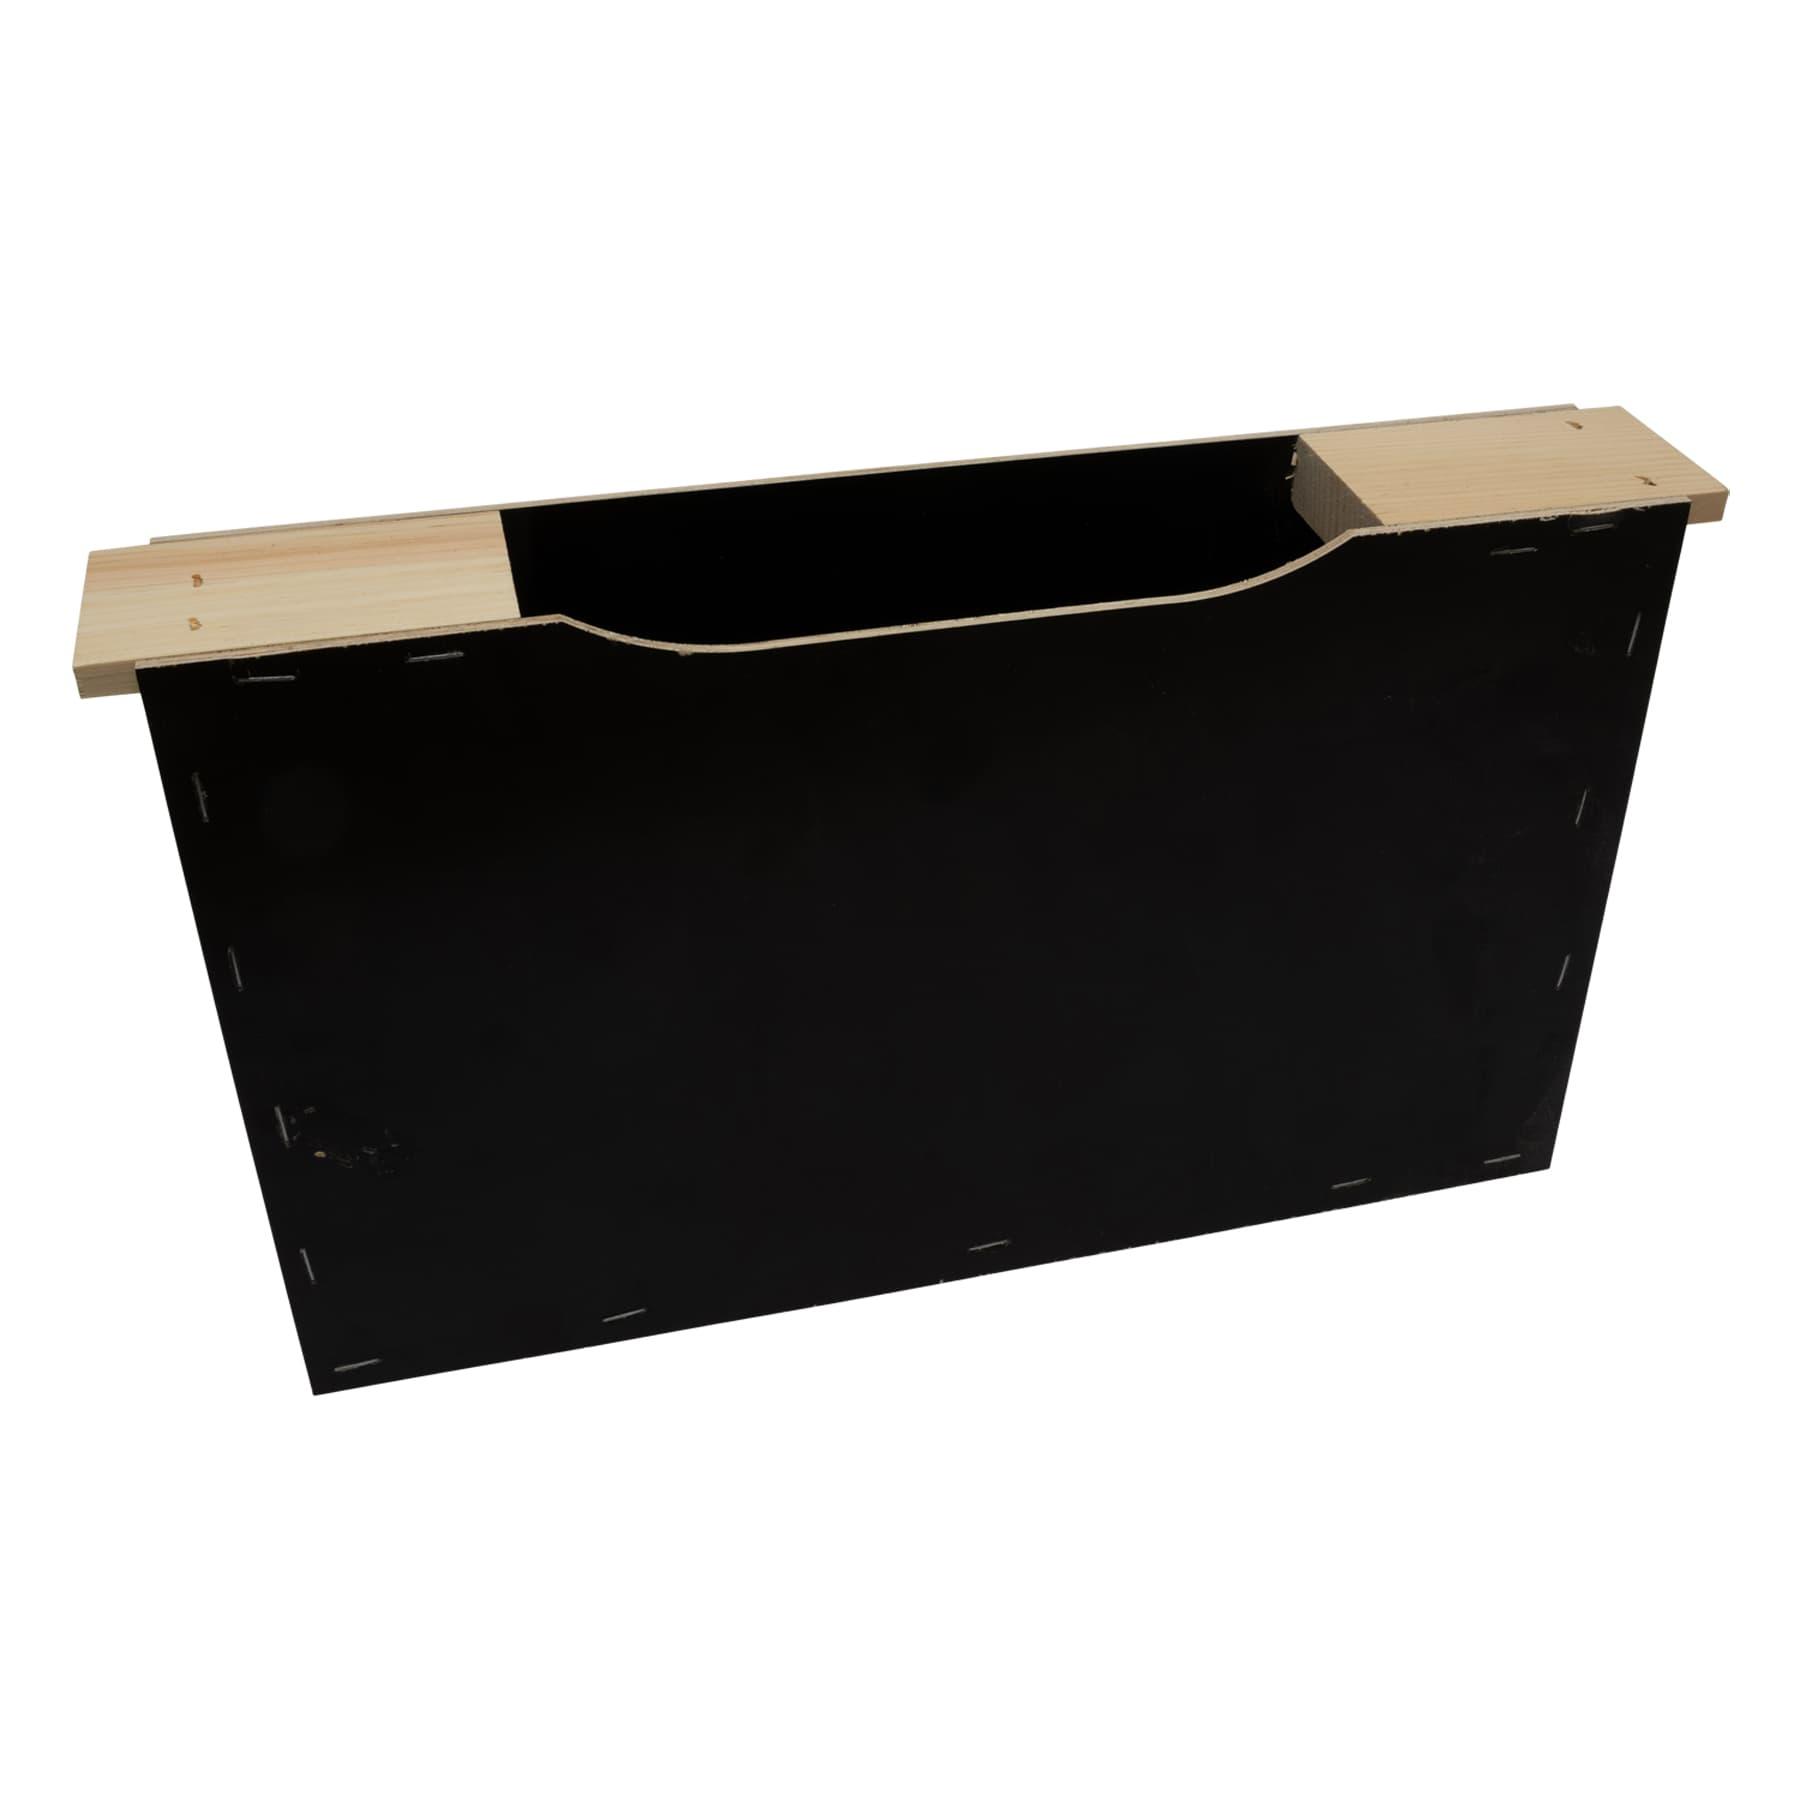 Futtertasche Holz Zander 2 Waben, Breite ca. 6,5 cm